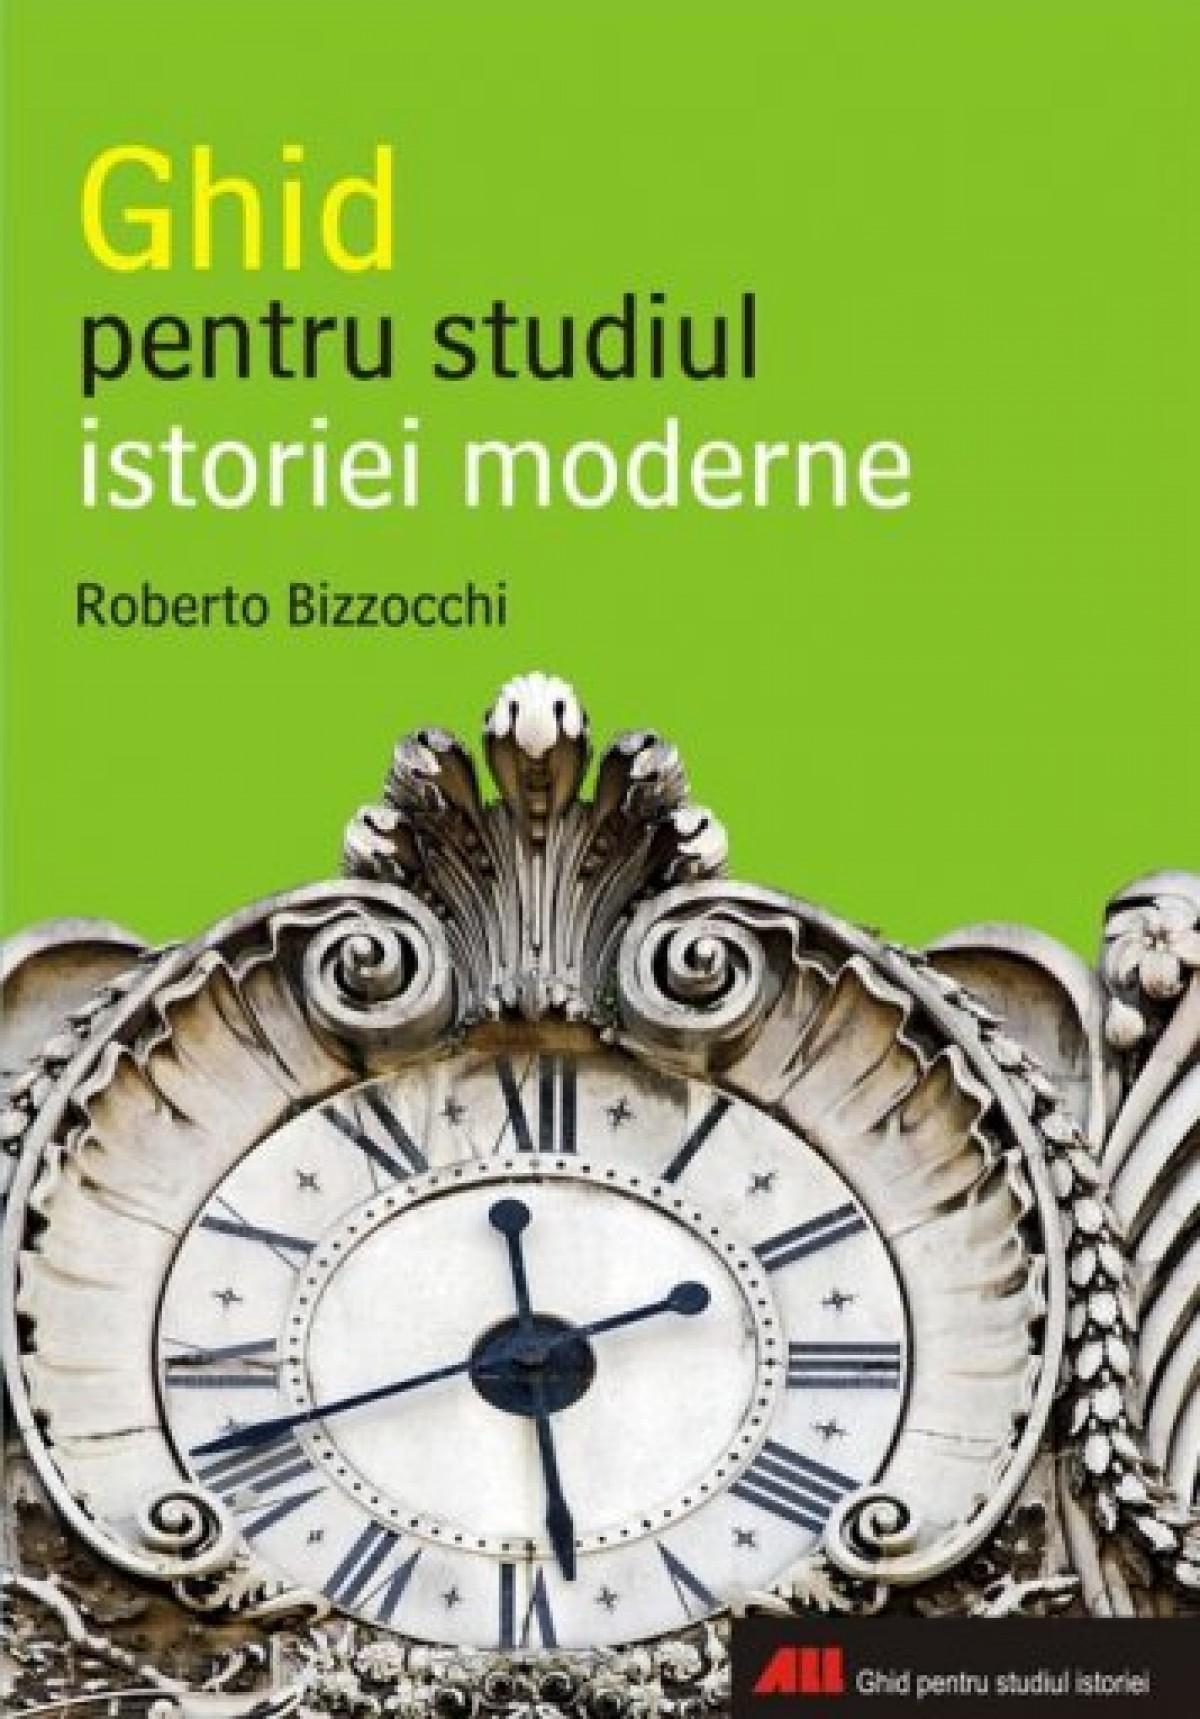 Ghid pentru studiul istoriei moderne